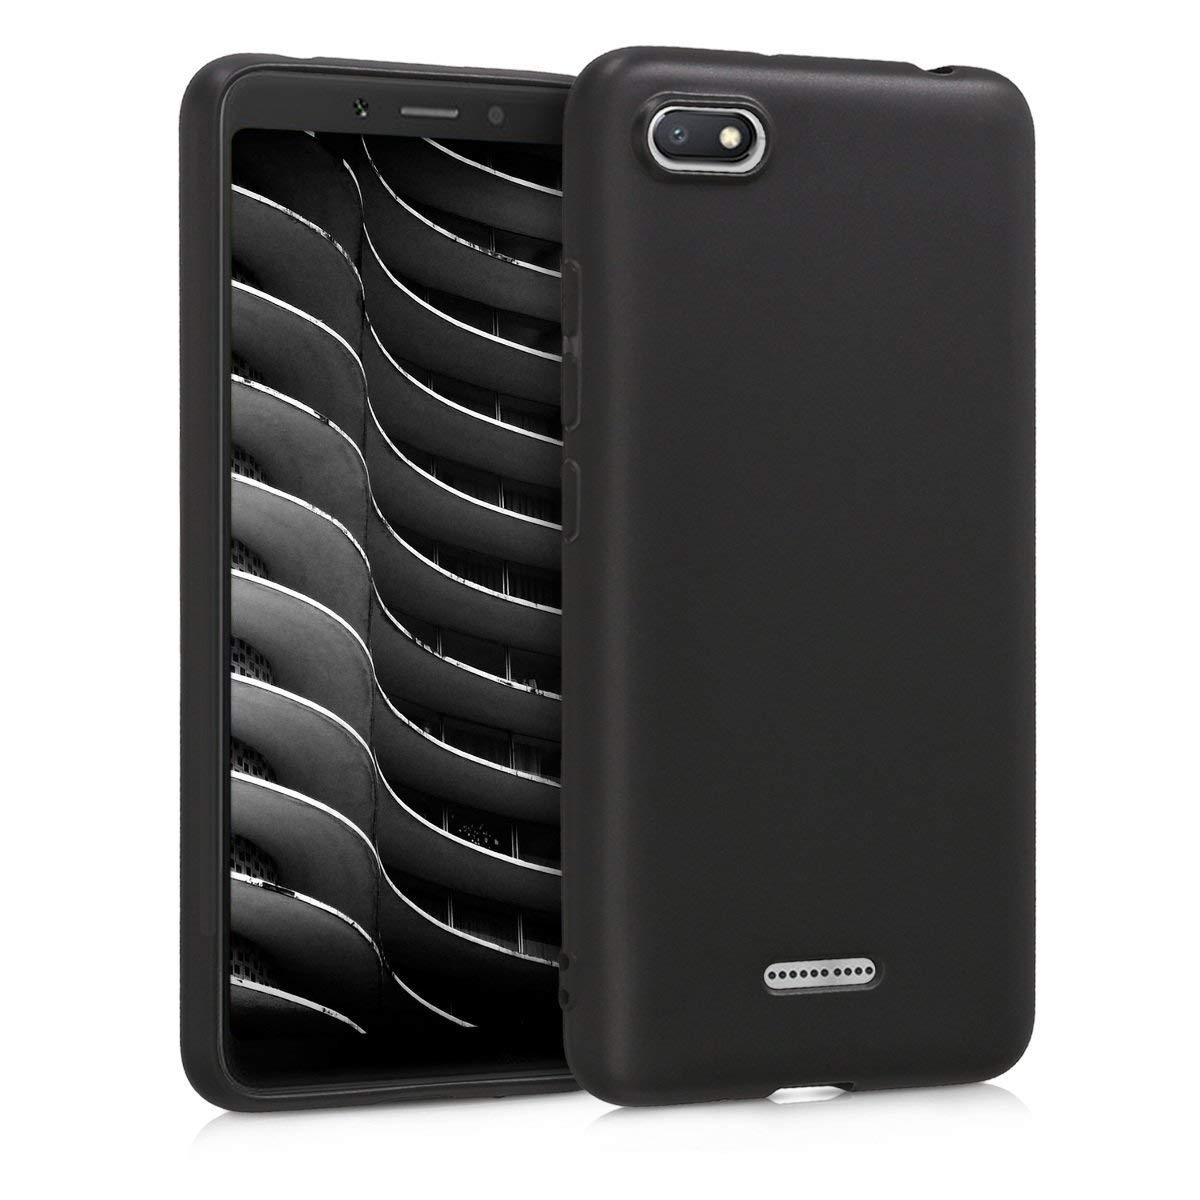 KW Θήκη Σιλικόνης Xiaomi Redmi 6A - Black Matte (45585.47)